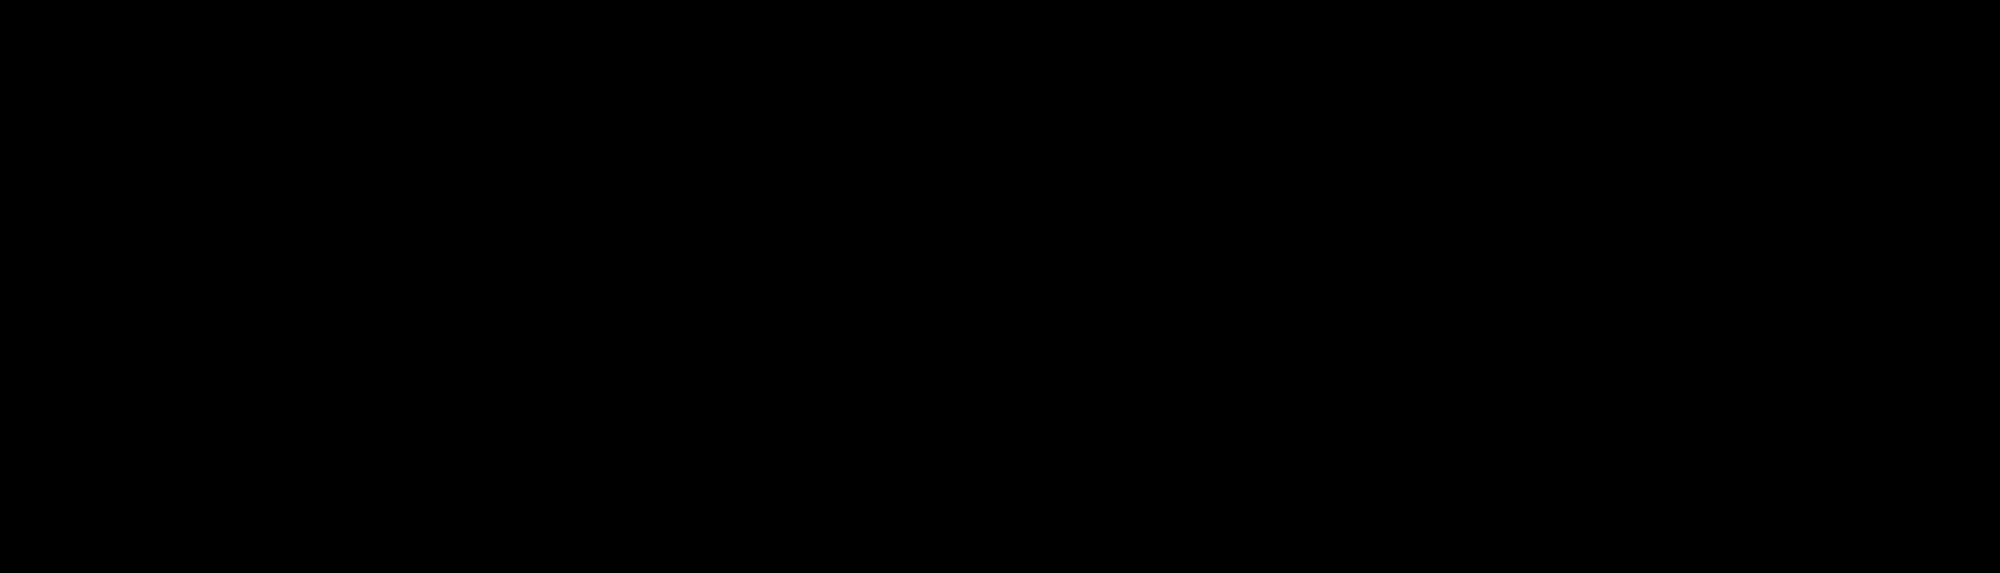 fossowaycapitallogo